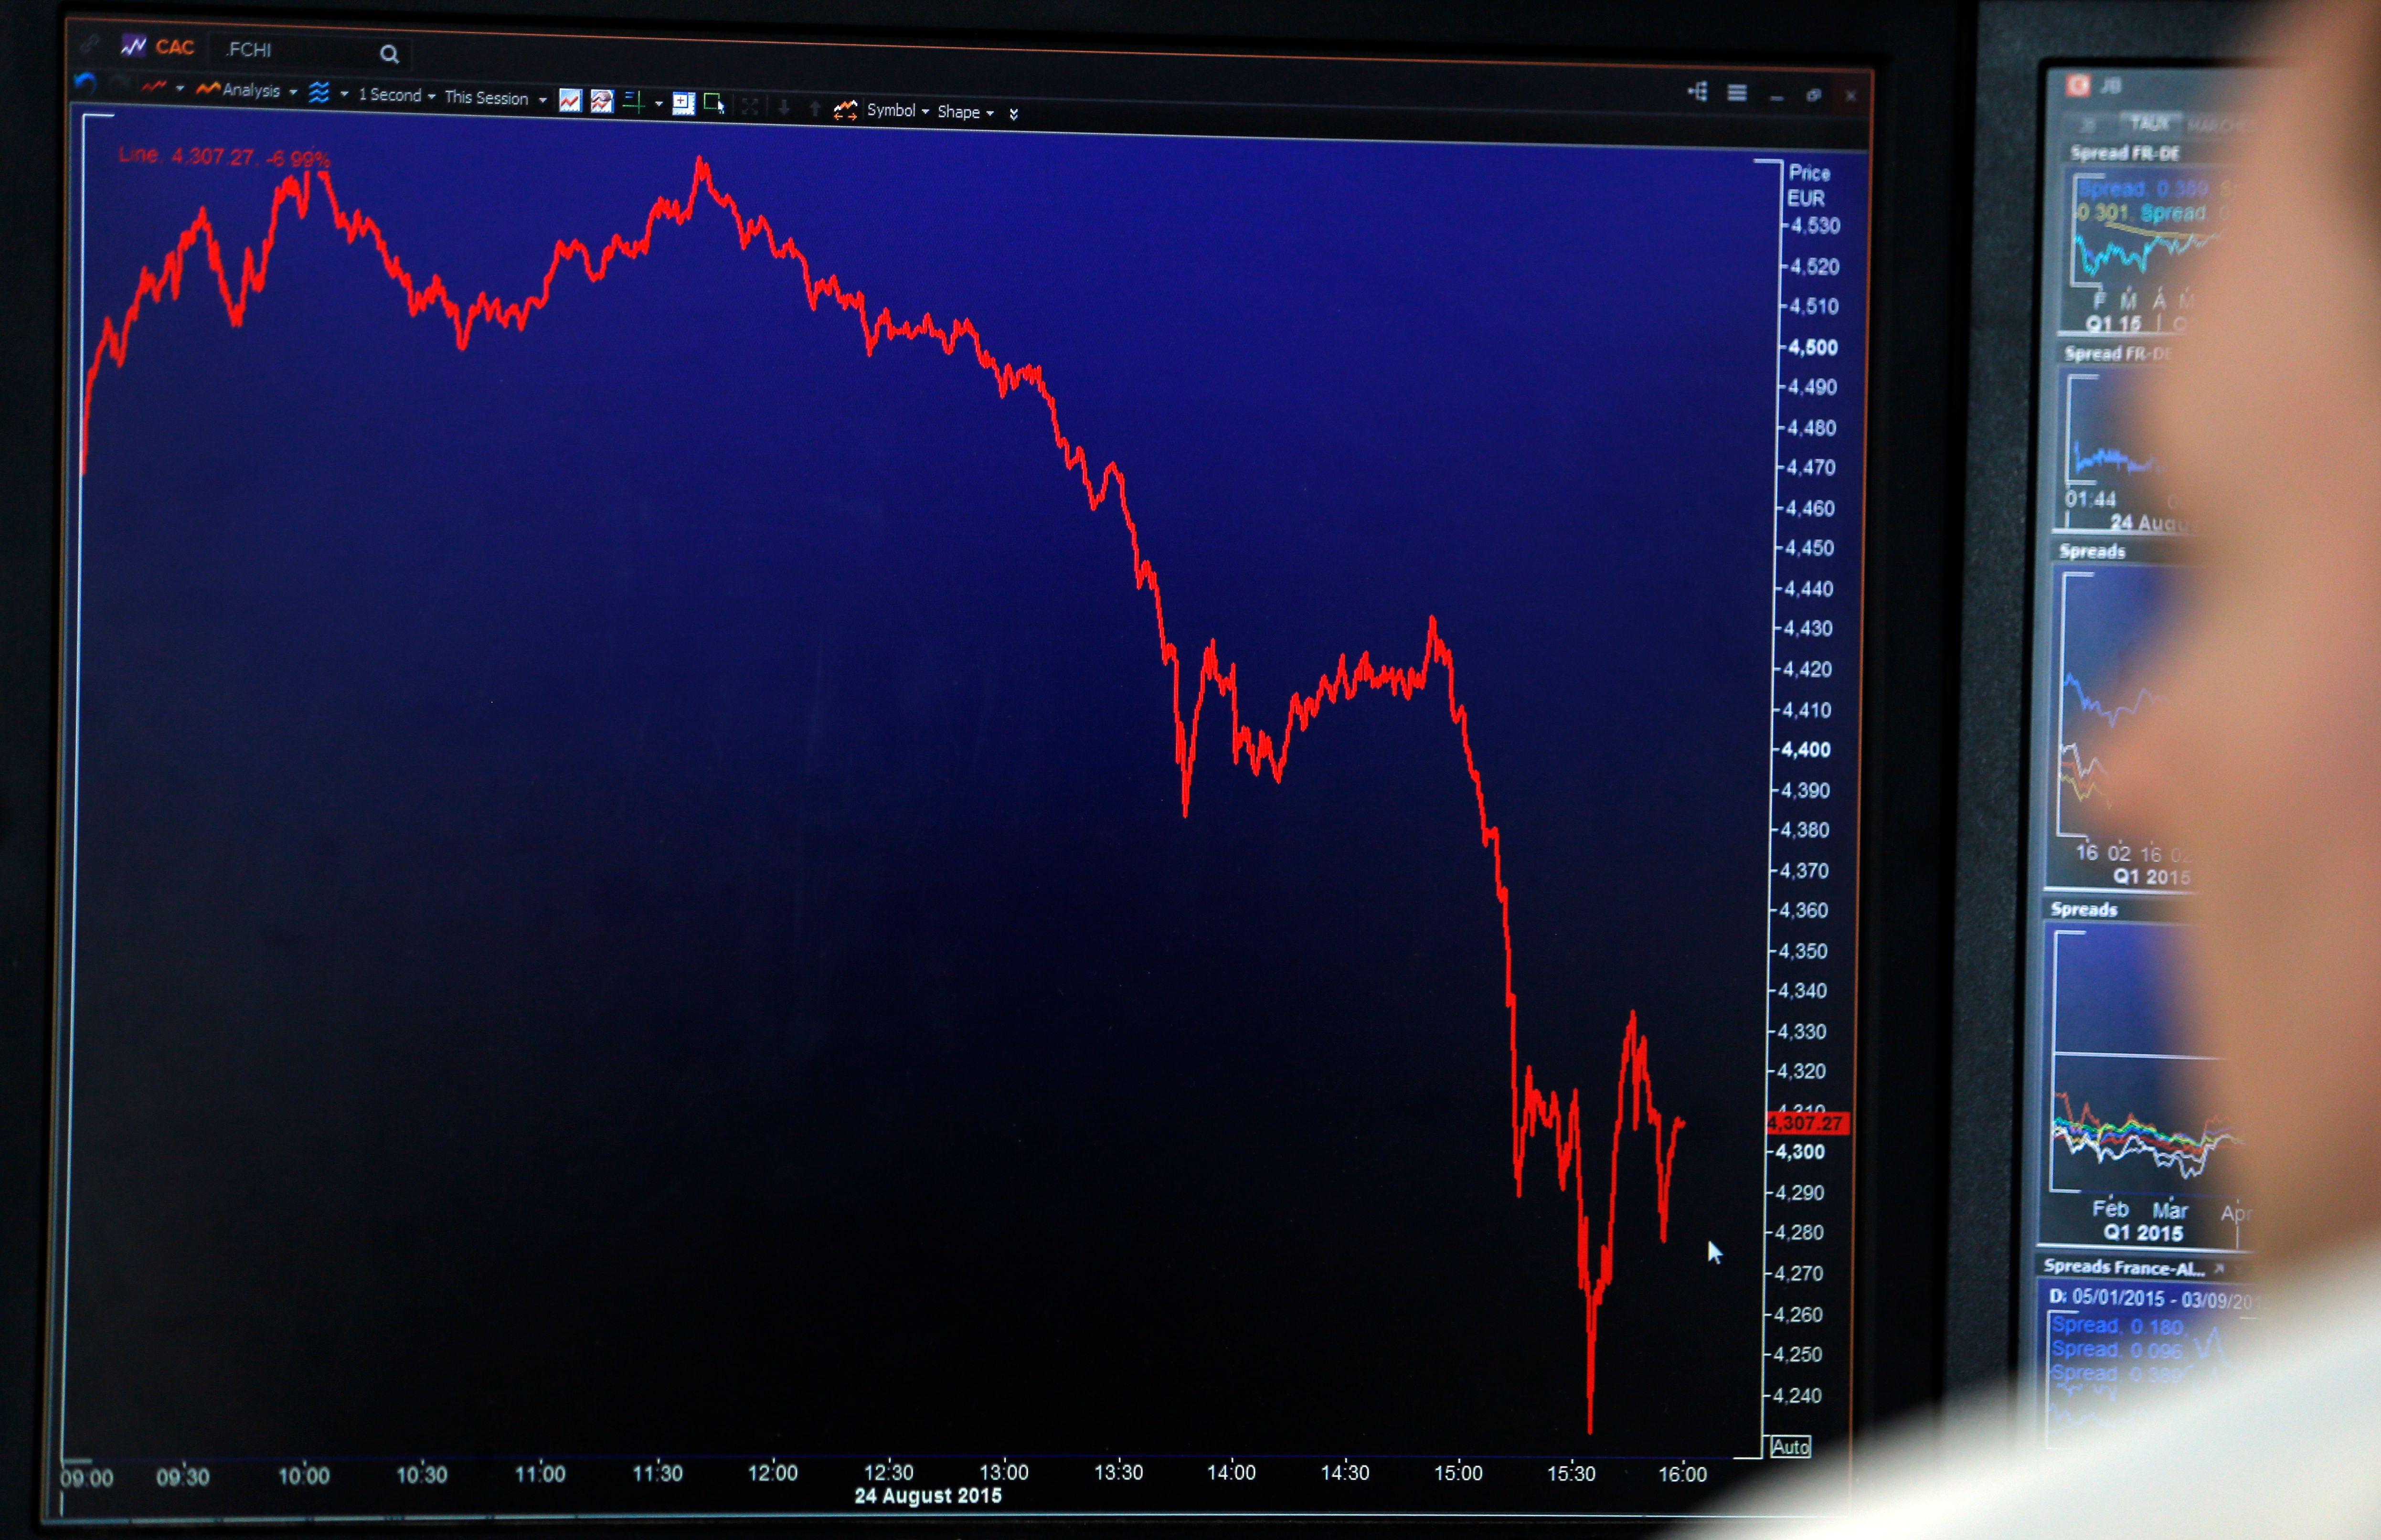 La déflation a été oubliée dans les stress tests des banques européennes.